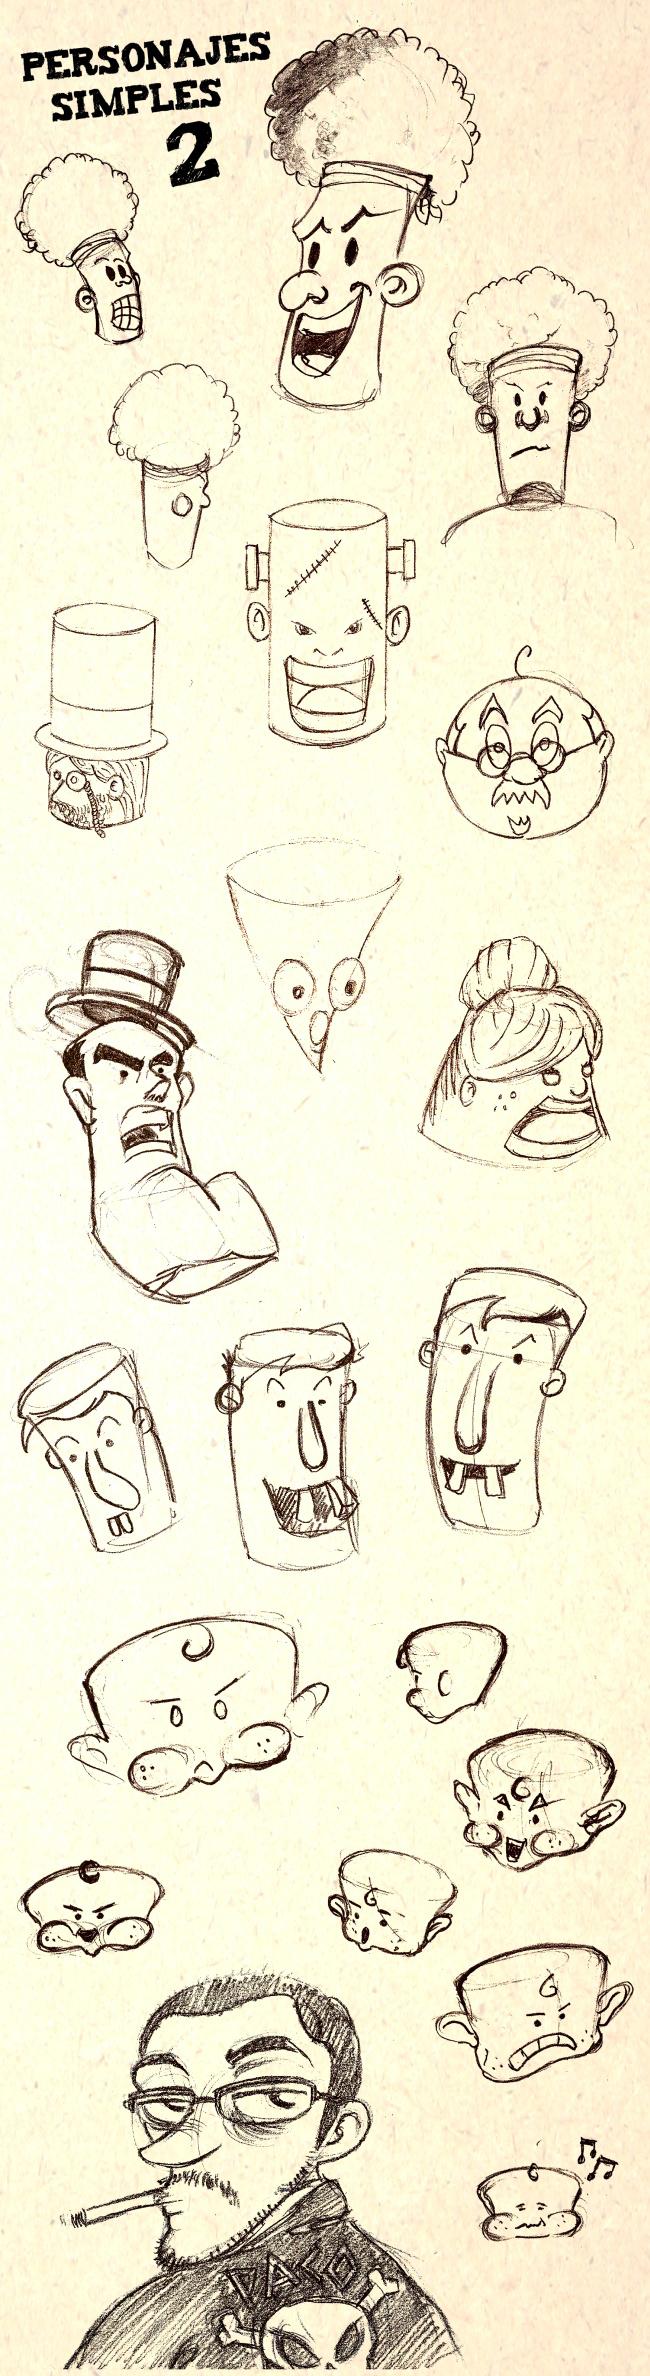 diseño-personajes-simples-curso-comic-madrid-verano-niños-academiac10